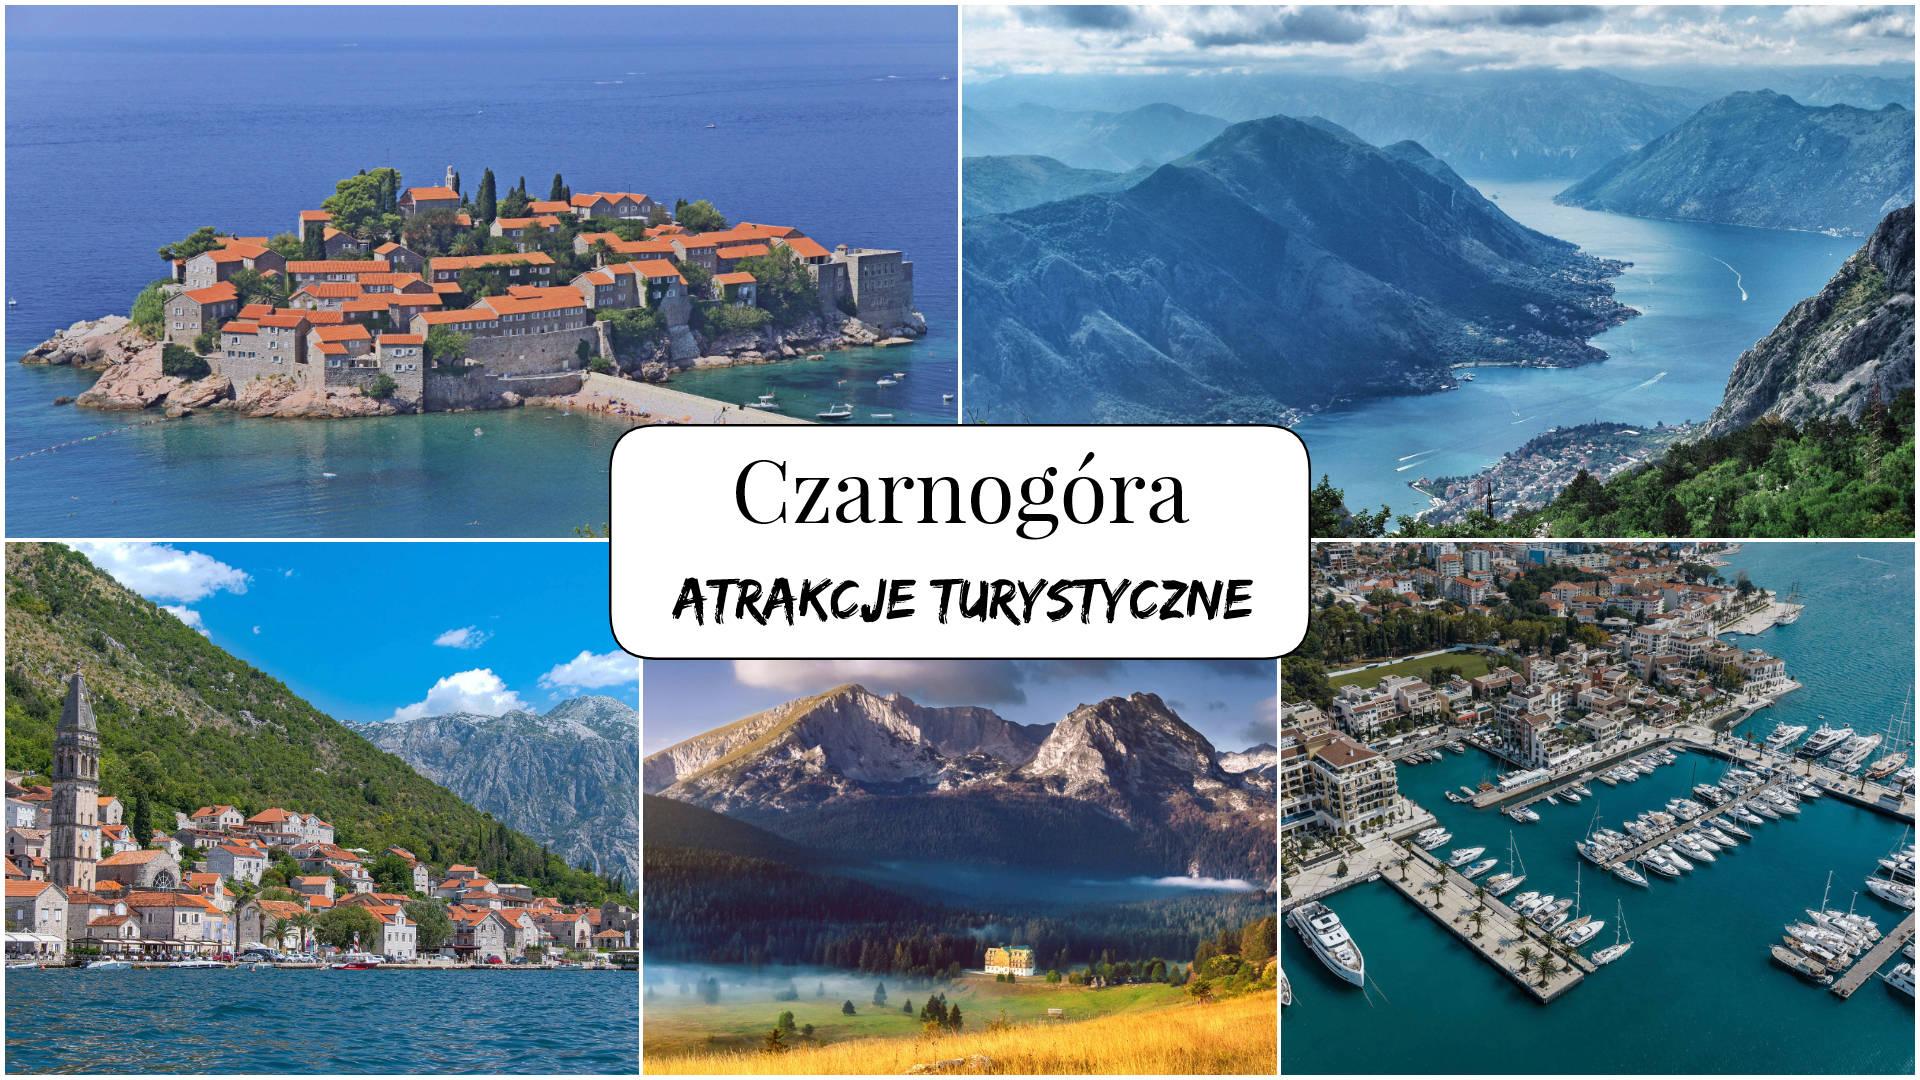 Czarnogóra - atrakcje turystyczne